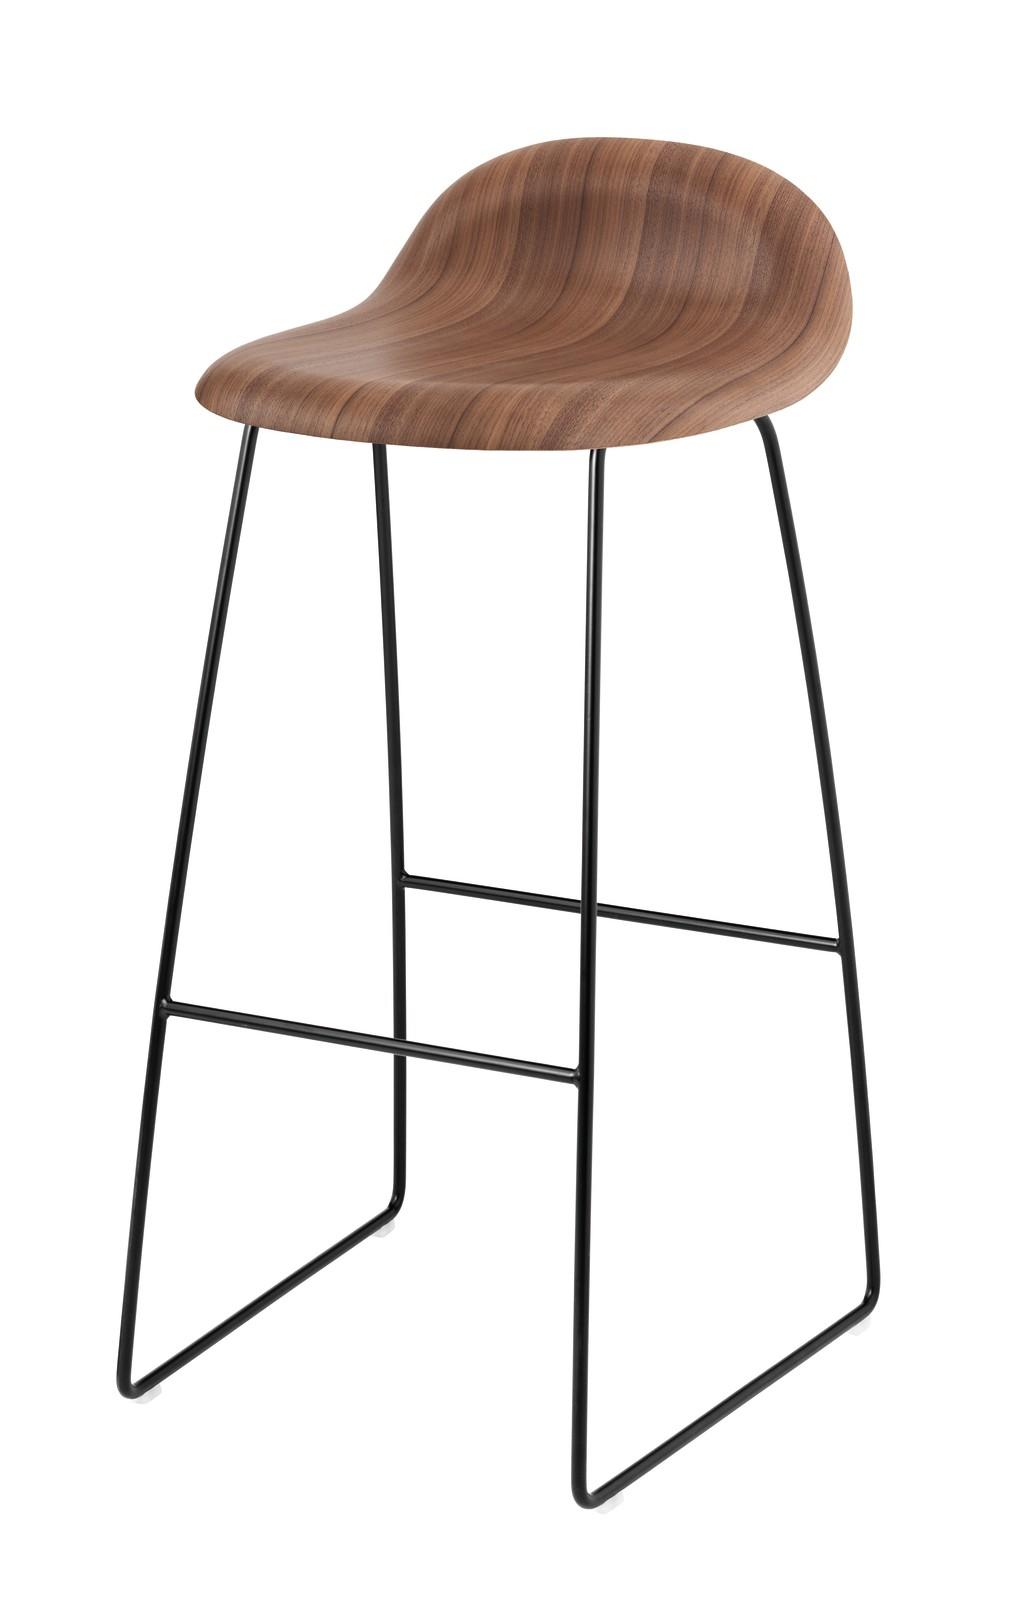 Gubi 3D Sledge Base Bar Stool - Unupholstered Gubi Wood American Walnut, Gubi Metal Black